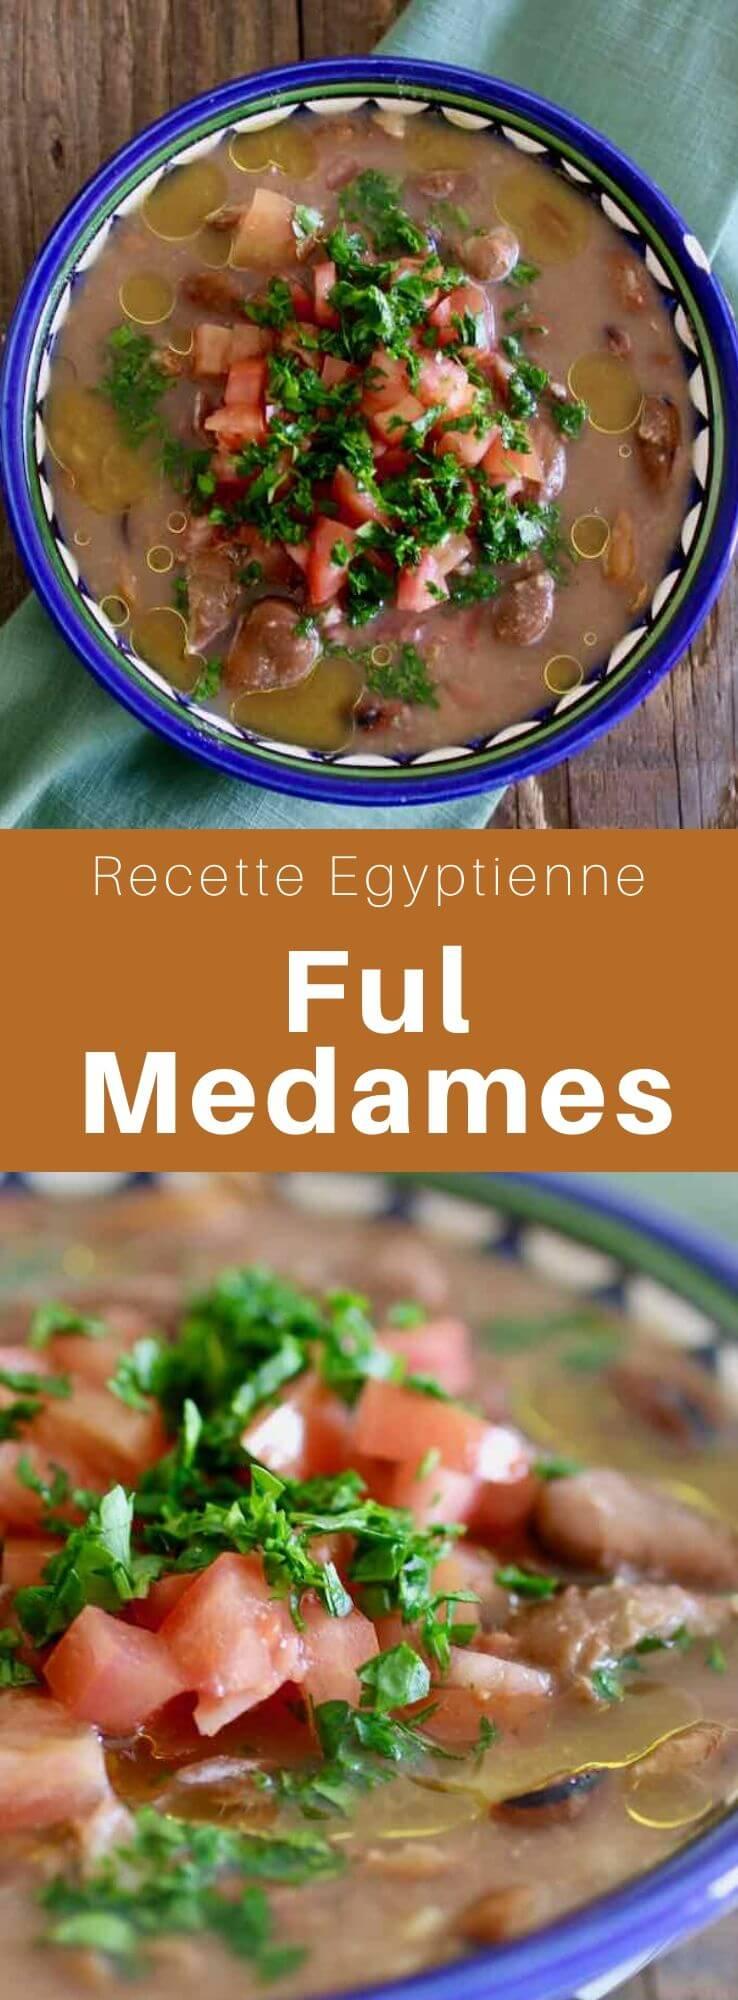 Les ful medames sont un petit-déjeuner végétalien d'Egypte et du Moyen-Orient à base de fèves au jus de citron, à l'ail, à l'huile d'olive et au cumin. #Egypte #RecetteEgyptienne #CuisineEgyptienne #CuisineDuMonde #196flavors